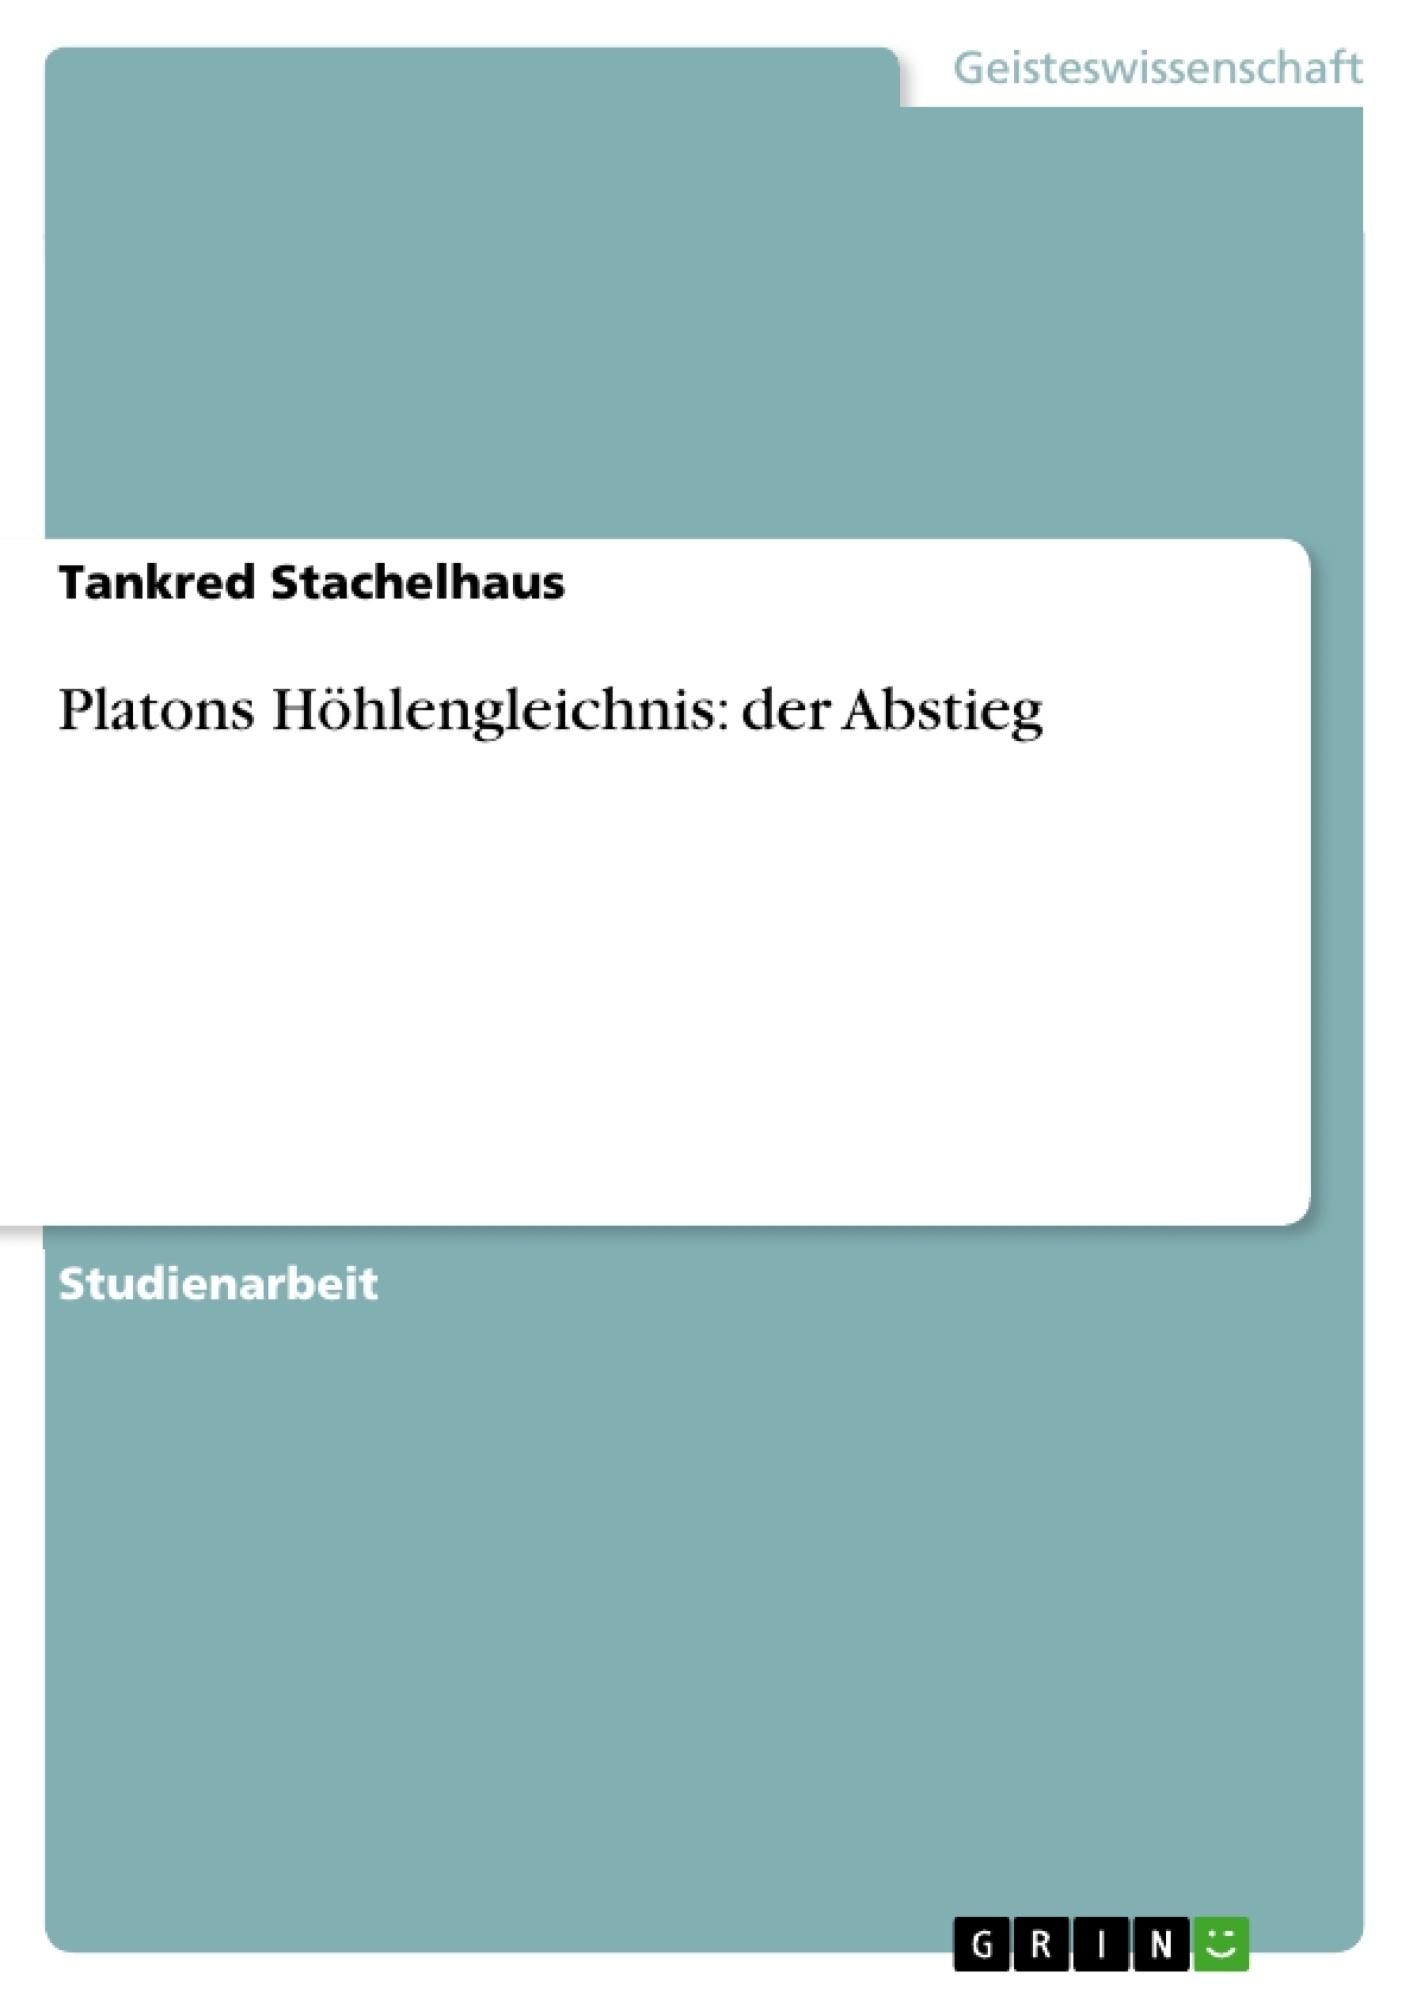 Titel: Platons Höhlengleichnis: der Abstieg